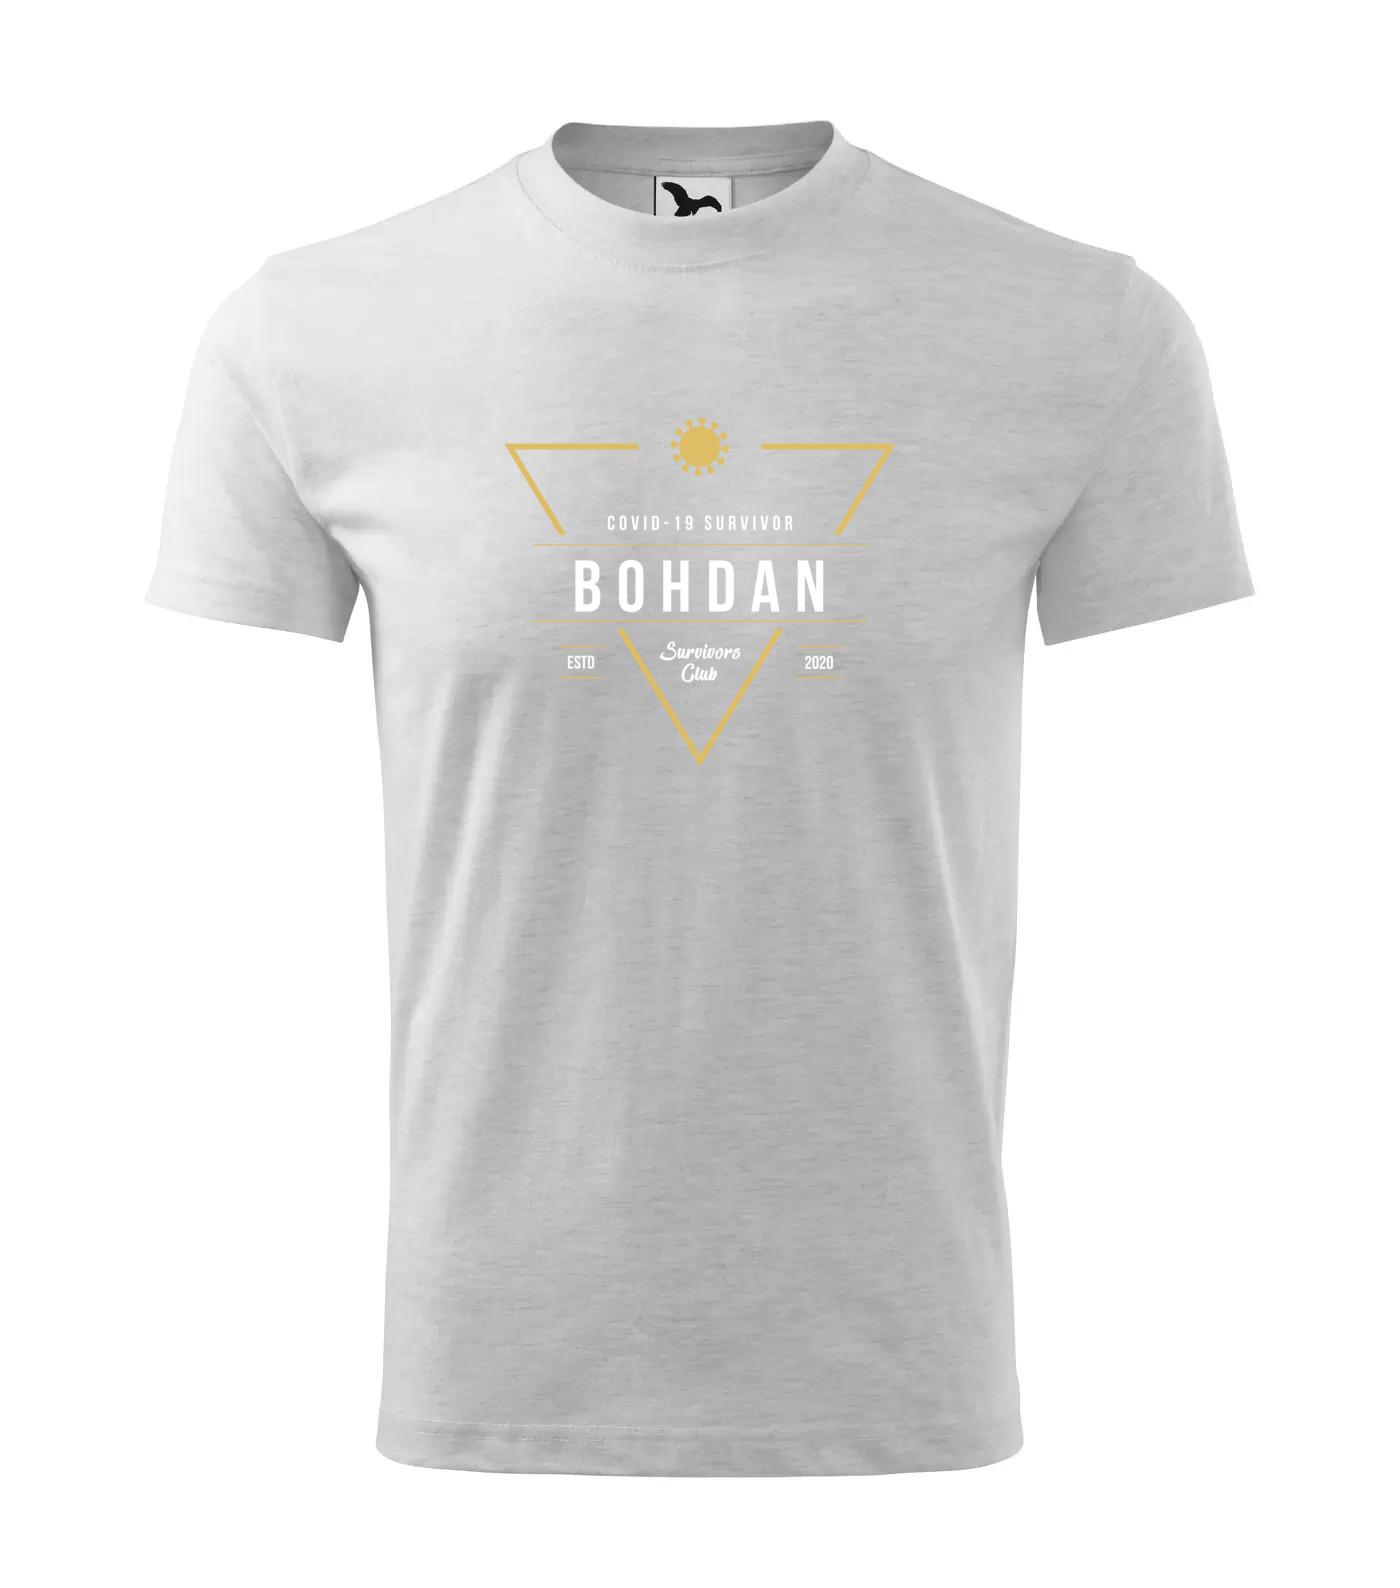 Tričko Survivor Club Bohdan